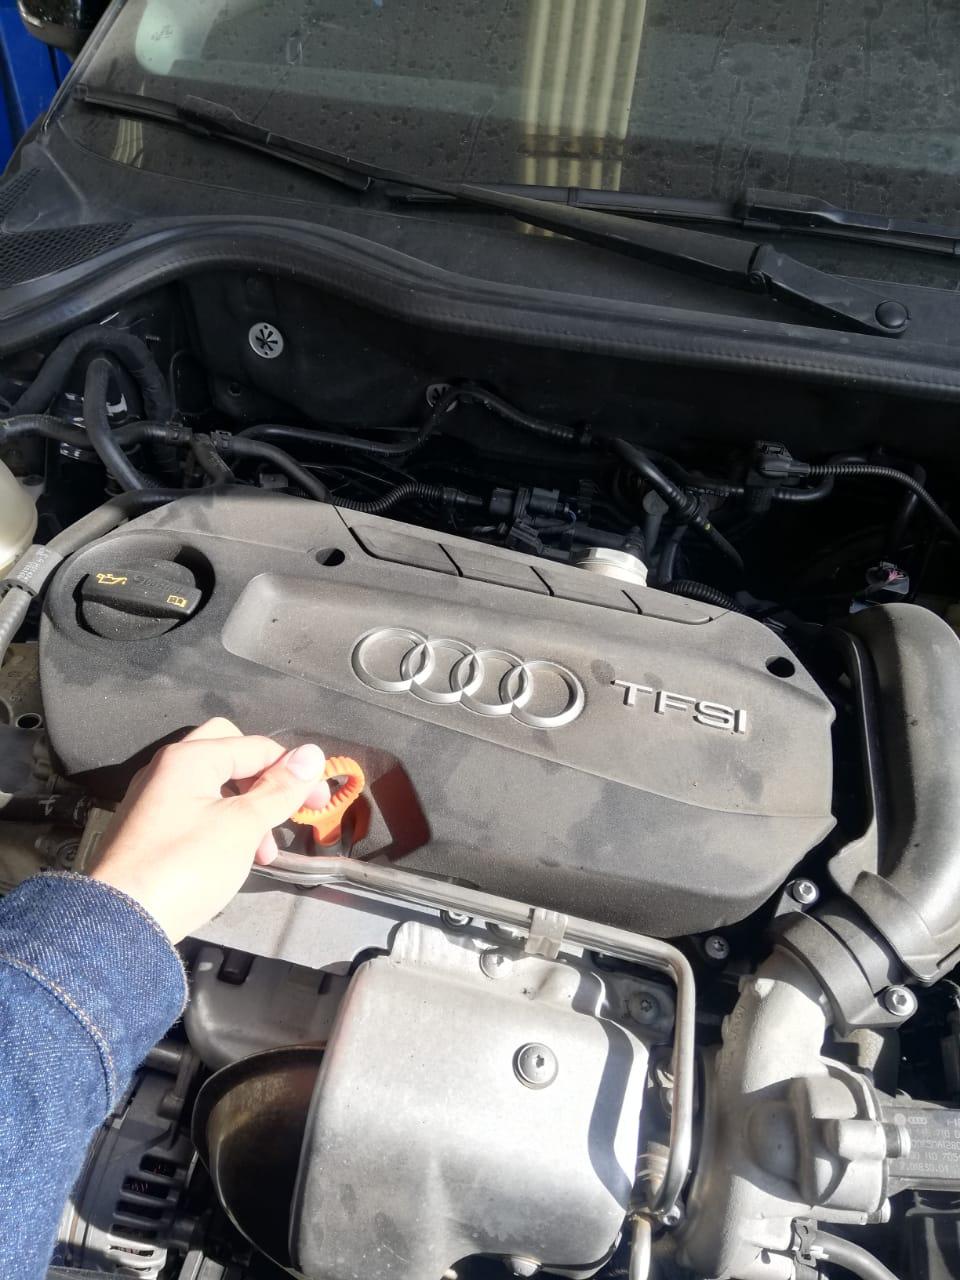 ¿Cómo cuidar tu automóvil?, Consejos Indispensables